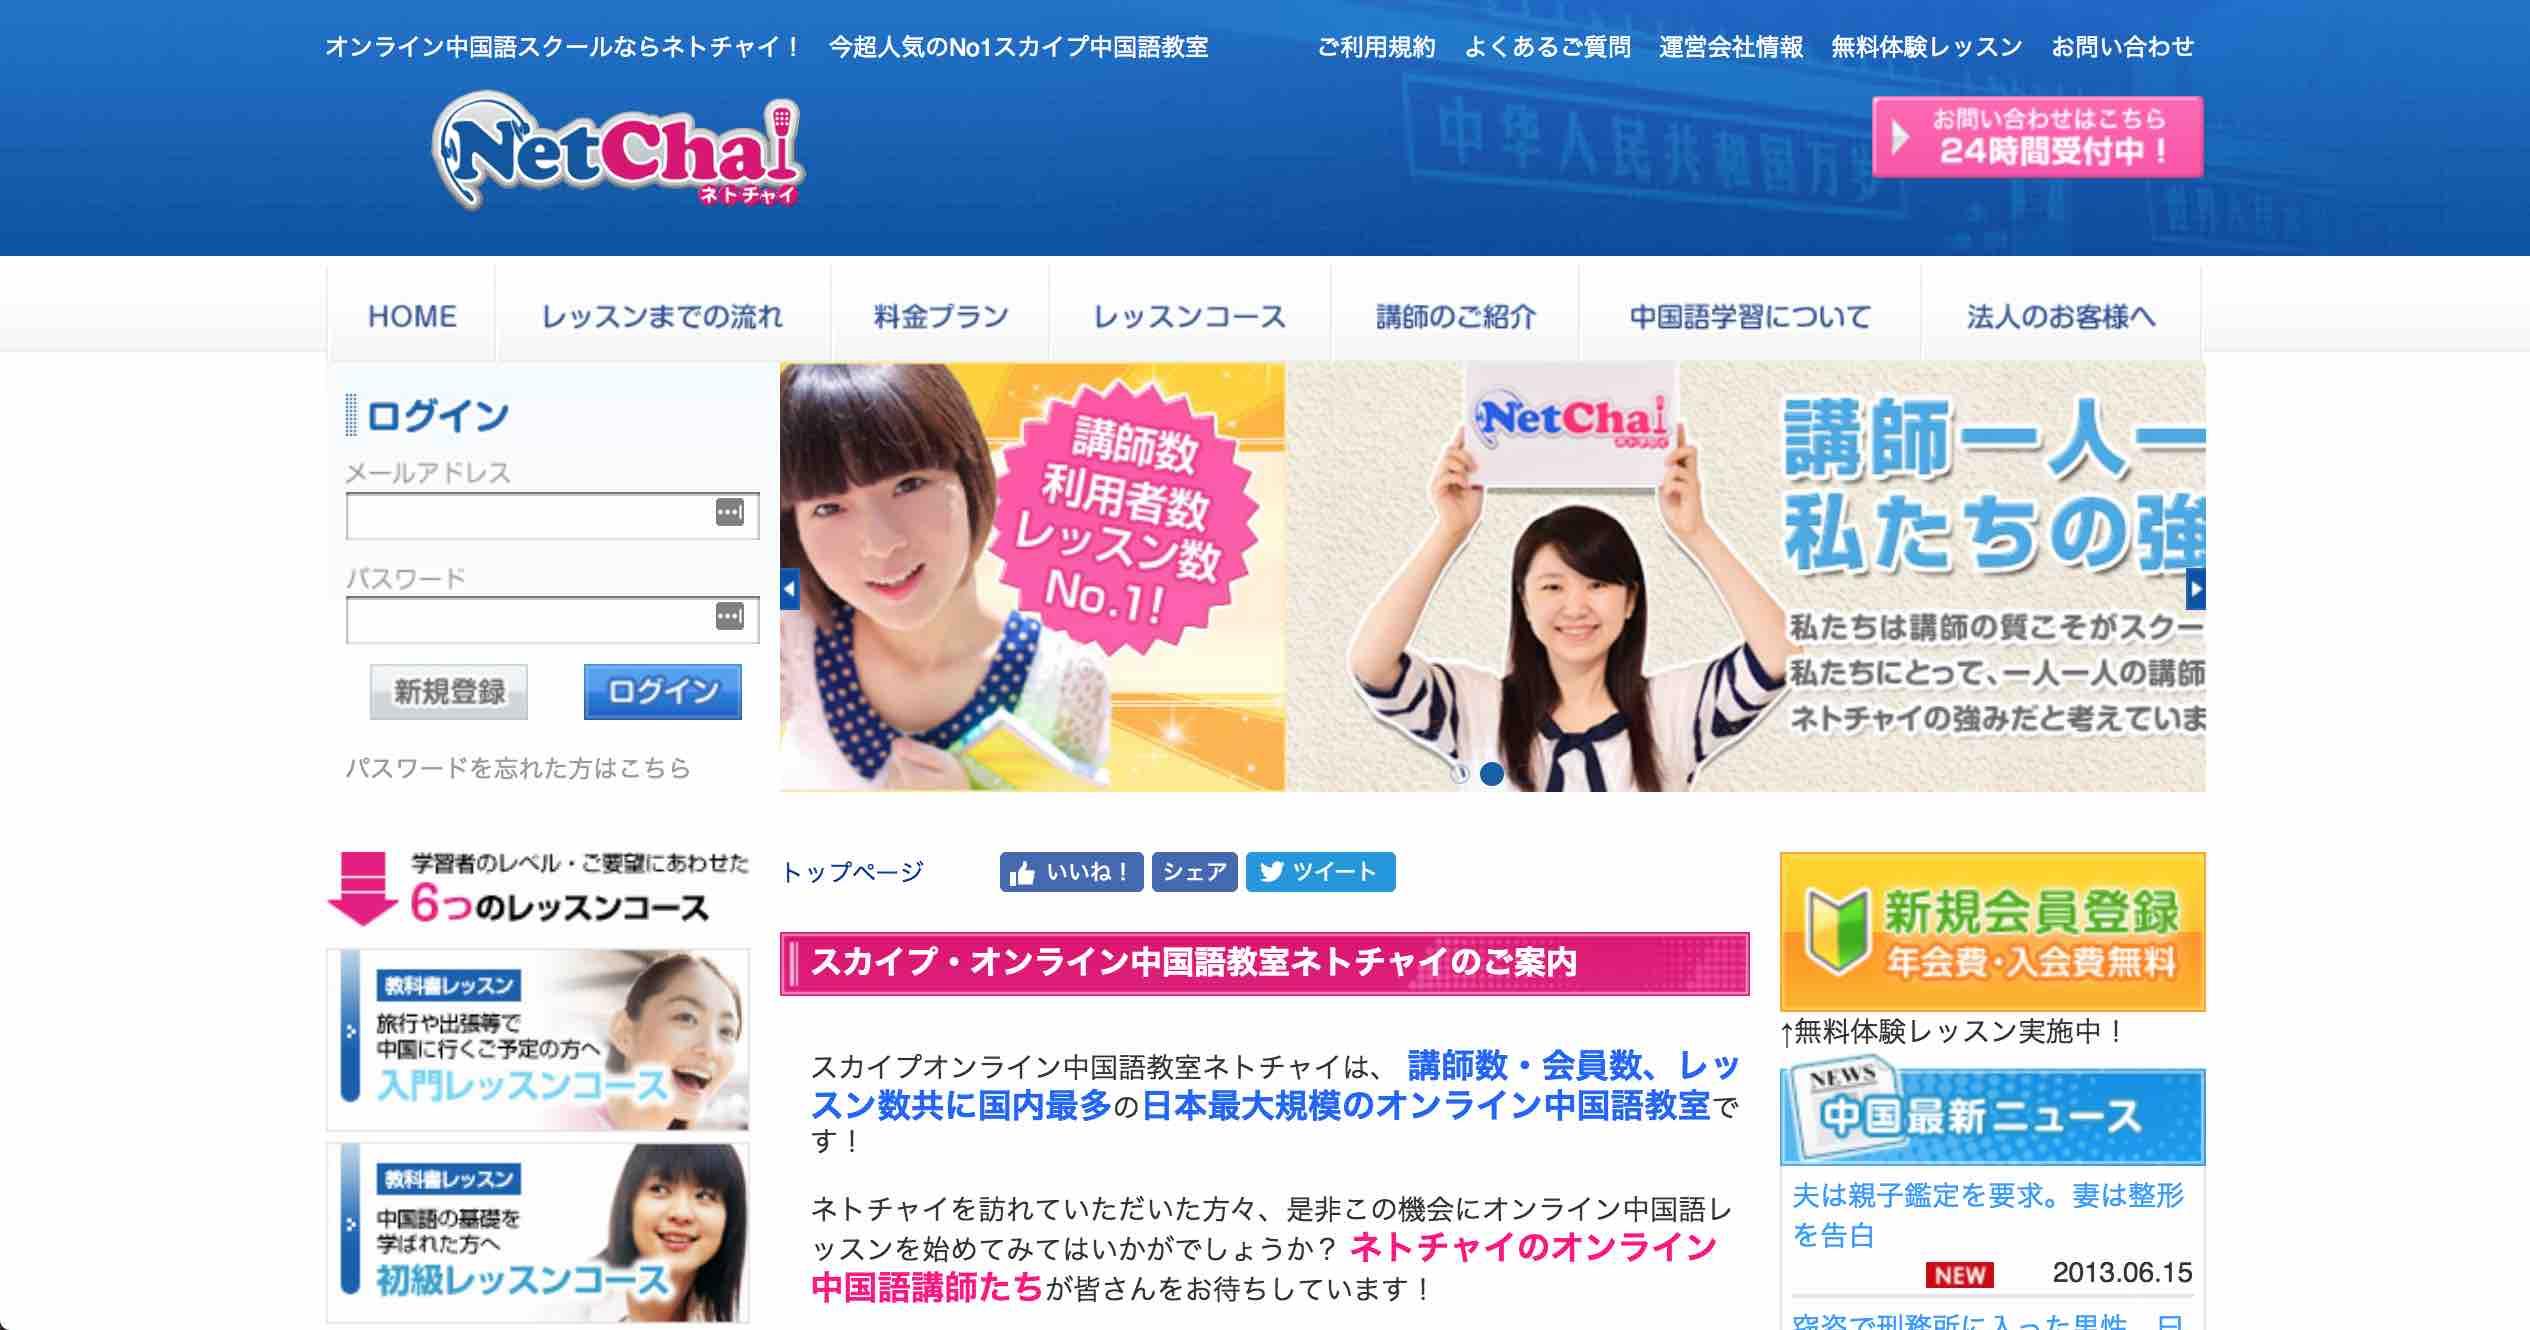 中国語を勉強したい人は独学よりオンライン中国語教室がおすすめlindablog